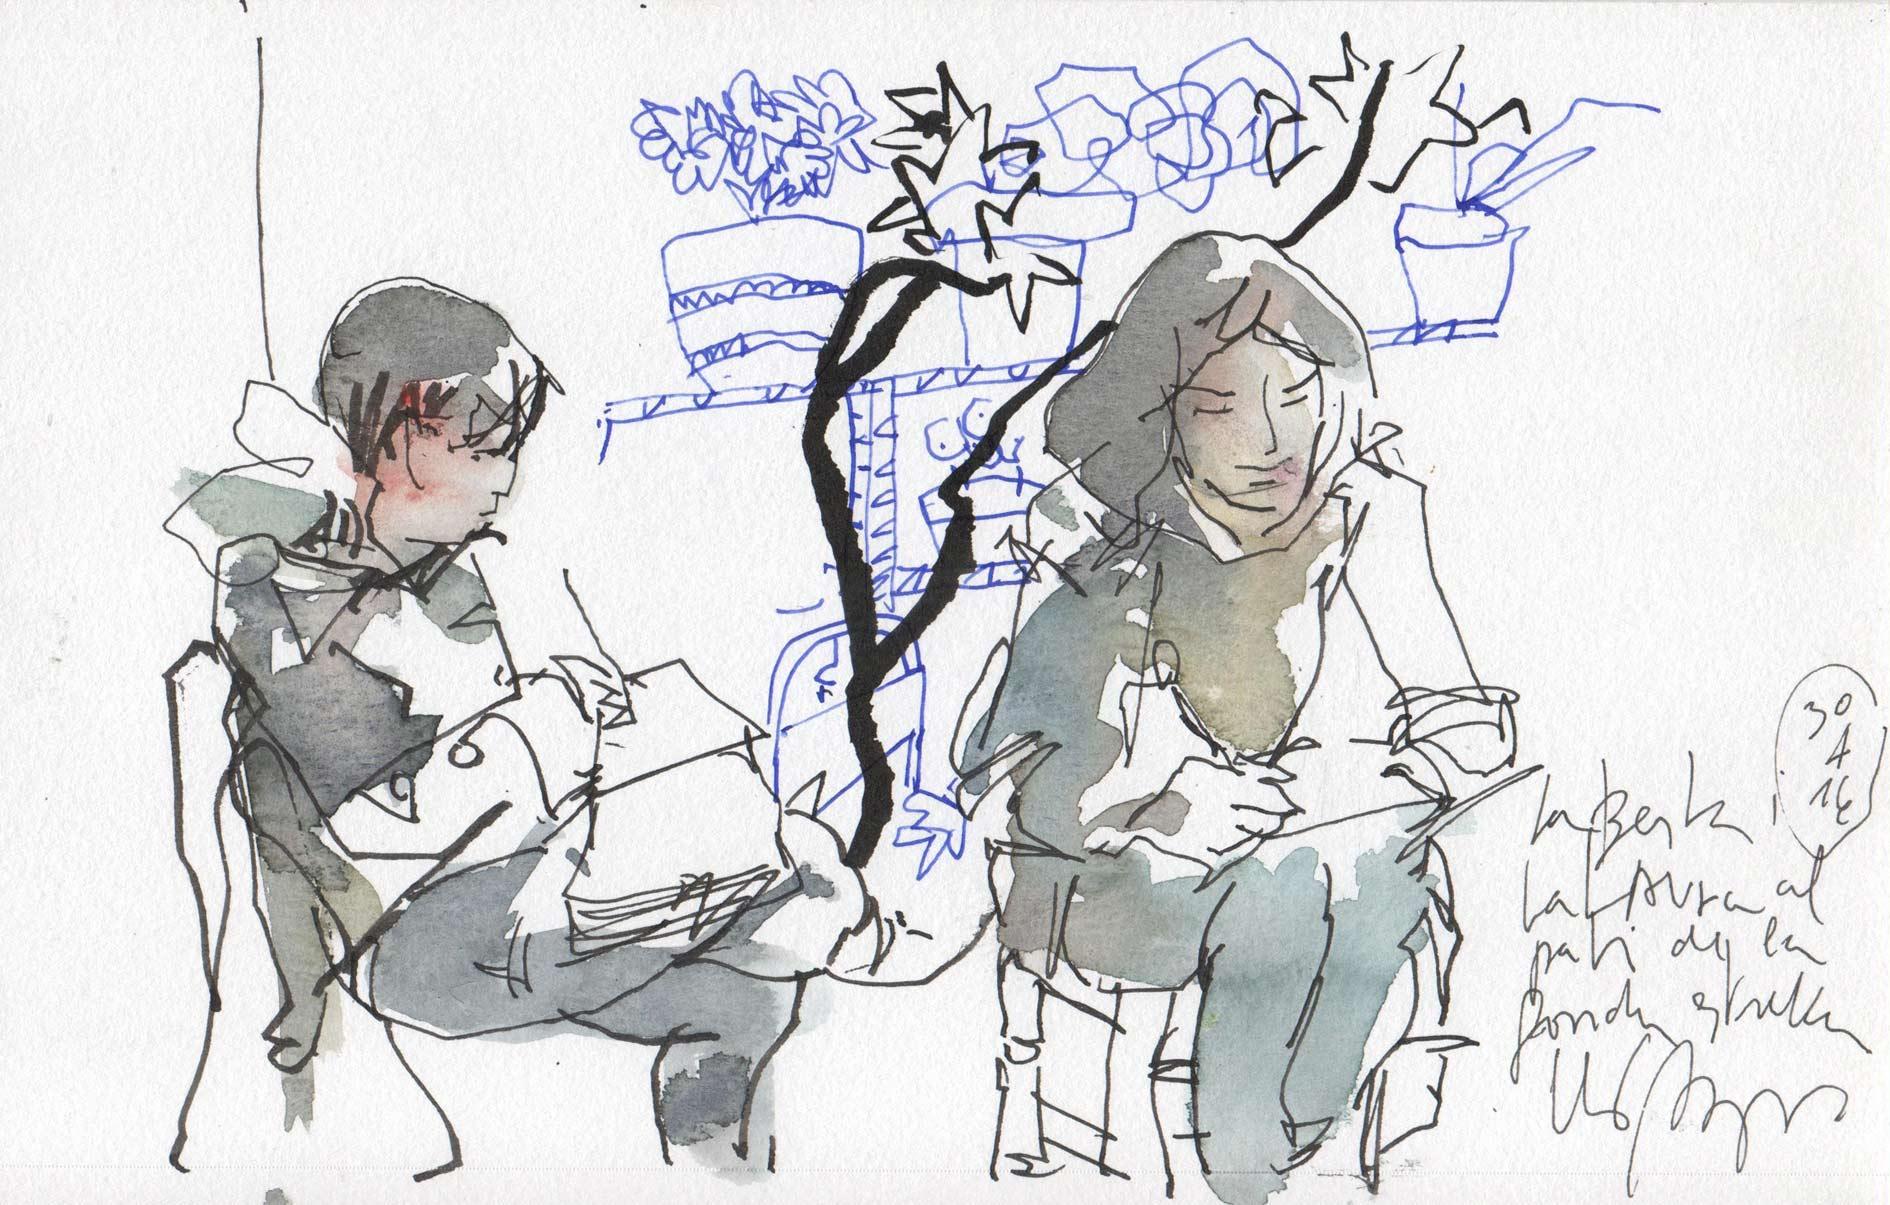 Lluis_Bruguera_La_Berta_i_la_Laura_dibuixant_Flors_i_Violes_2016